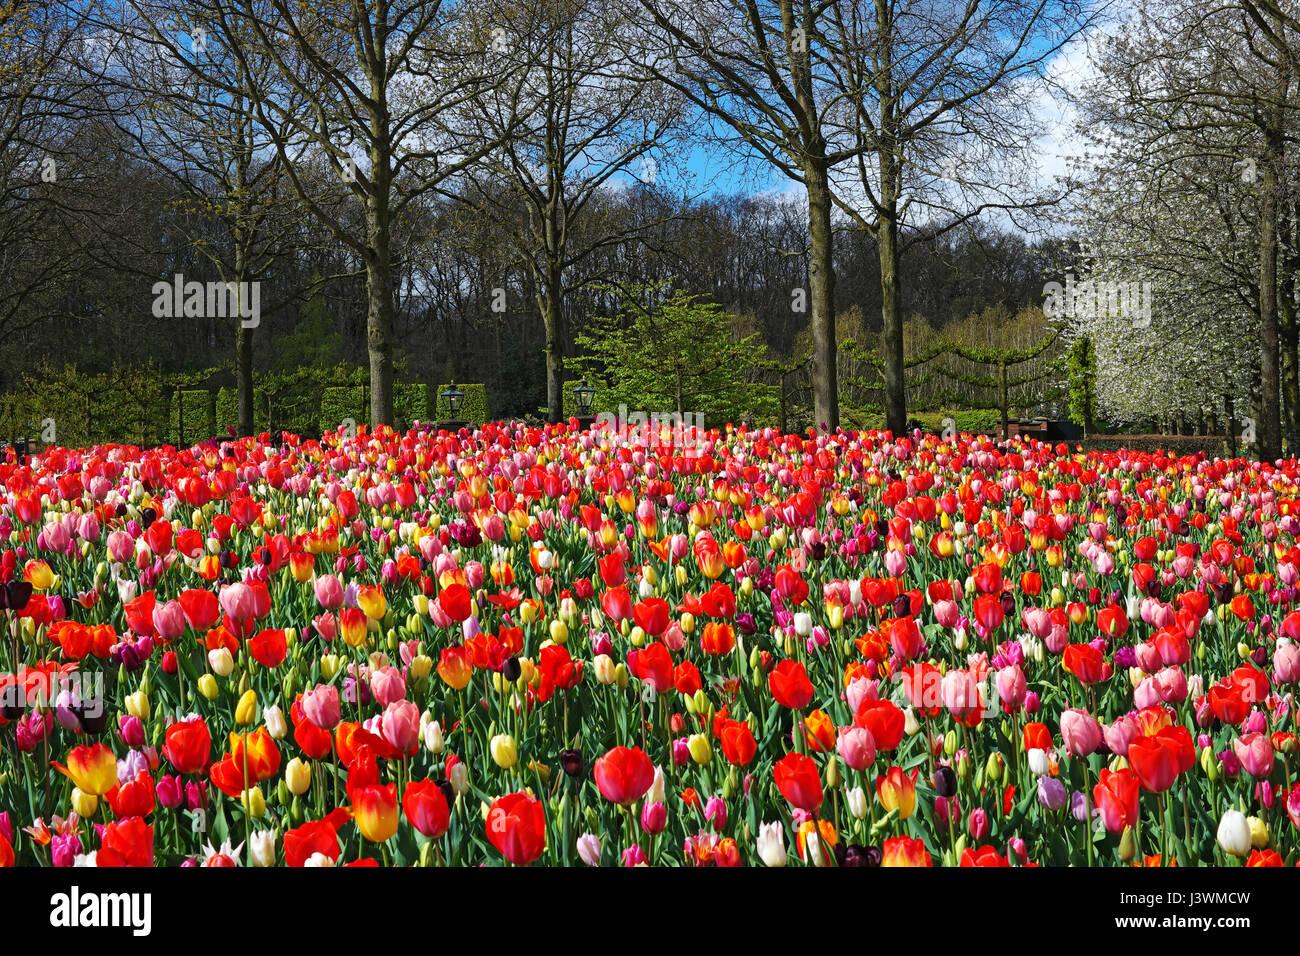 sch ne landschaft mit bl henden bunte tulpen keukenhof garten niederlande fr hling im freien. Black Bedroom Furniture Sets. Home Design Ideas